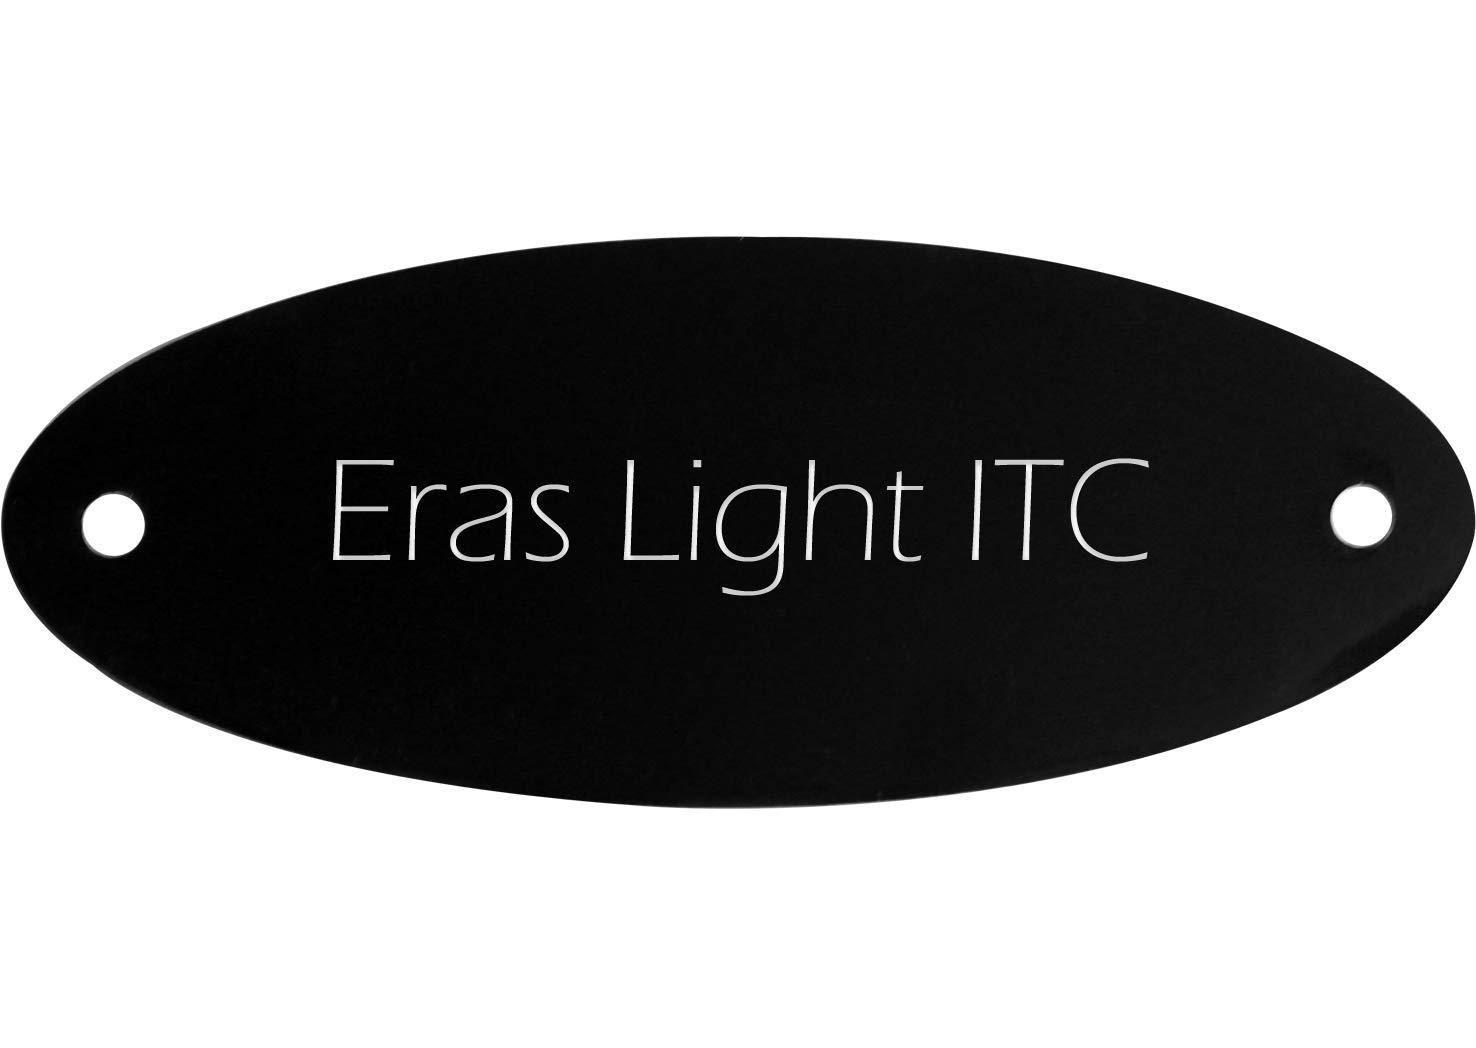 Kopierladen Targa appartamento con testo a piacere, plastica nera, 11,5 x 4,5 cm, ad arco, testo inciso bianco, carattere: Eras Light ITC